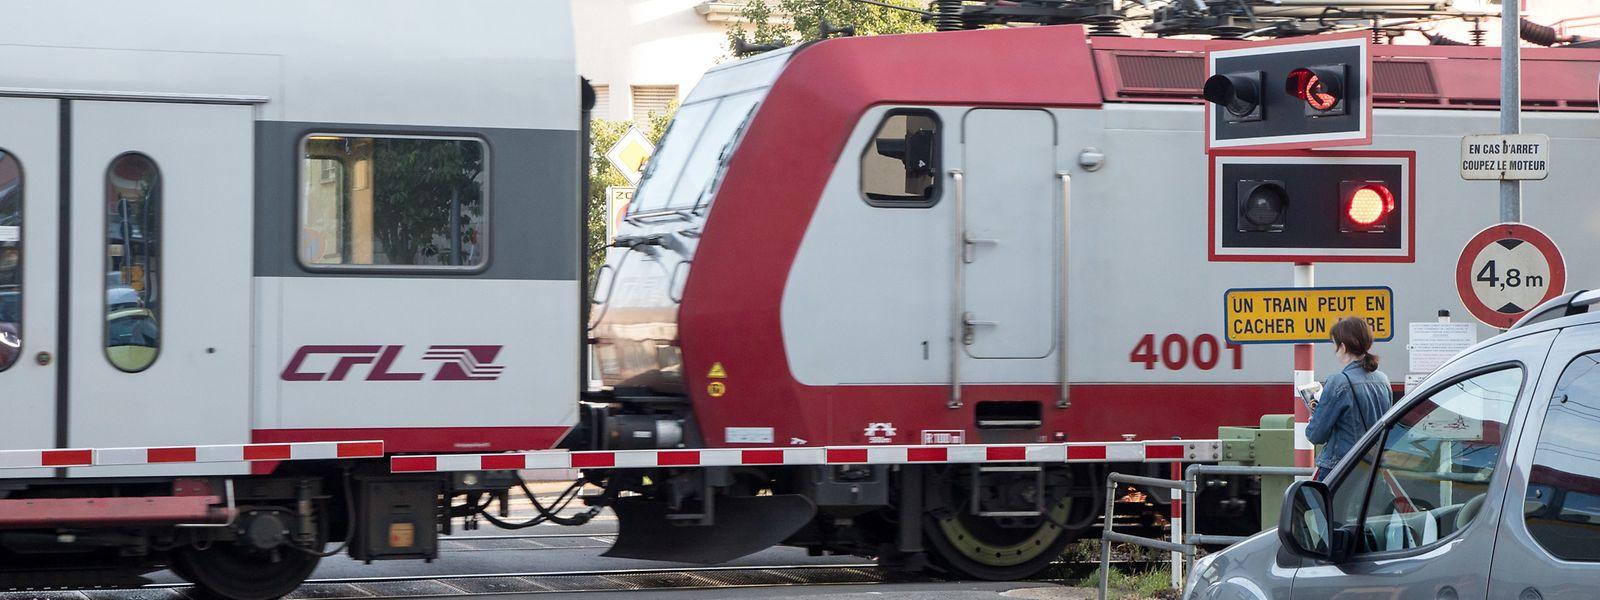 Vom 26. September an, werden die beiden Bahnschranken im Ortszentrum für den motorisierten Verkehr geschlossen bleiben.